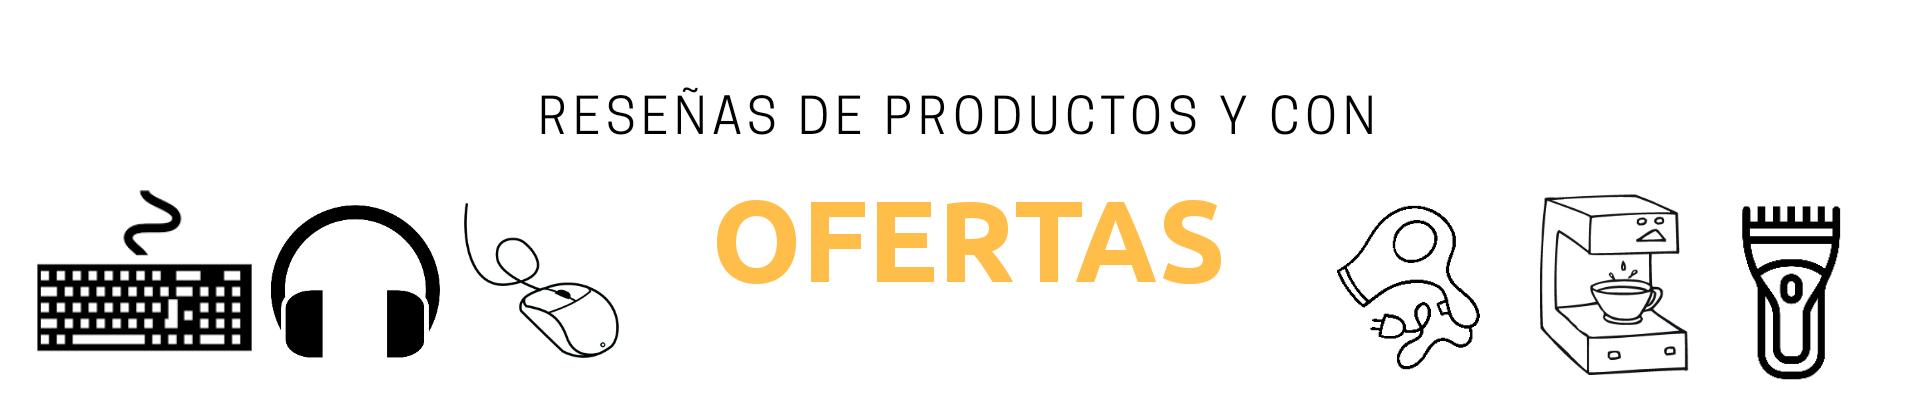 Ofertas y Opiniones de Productos Tienda Online Amazon España